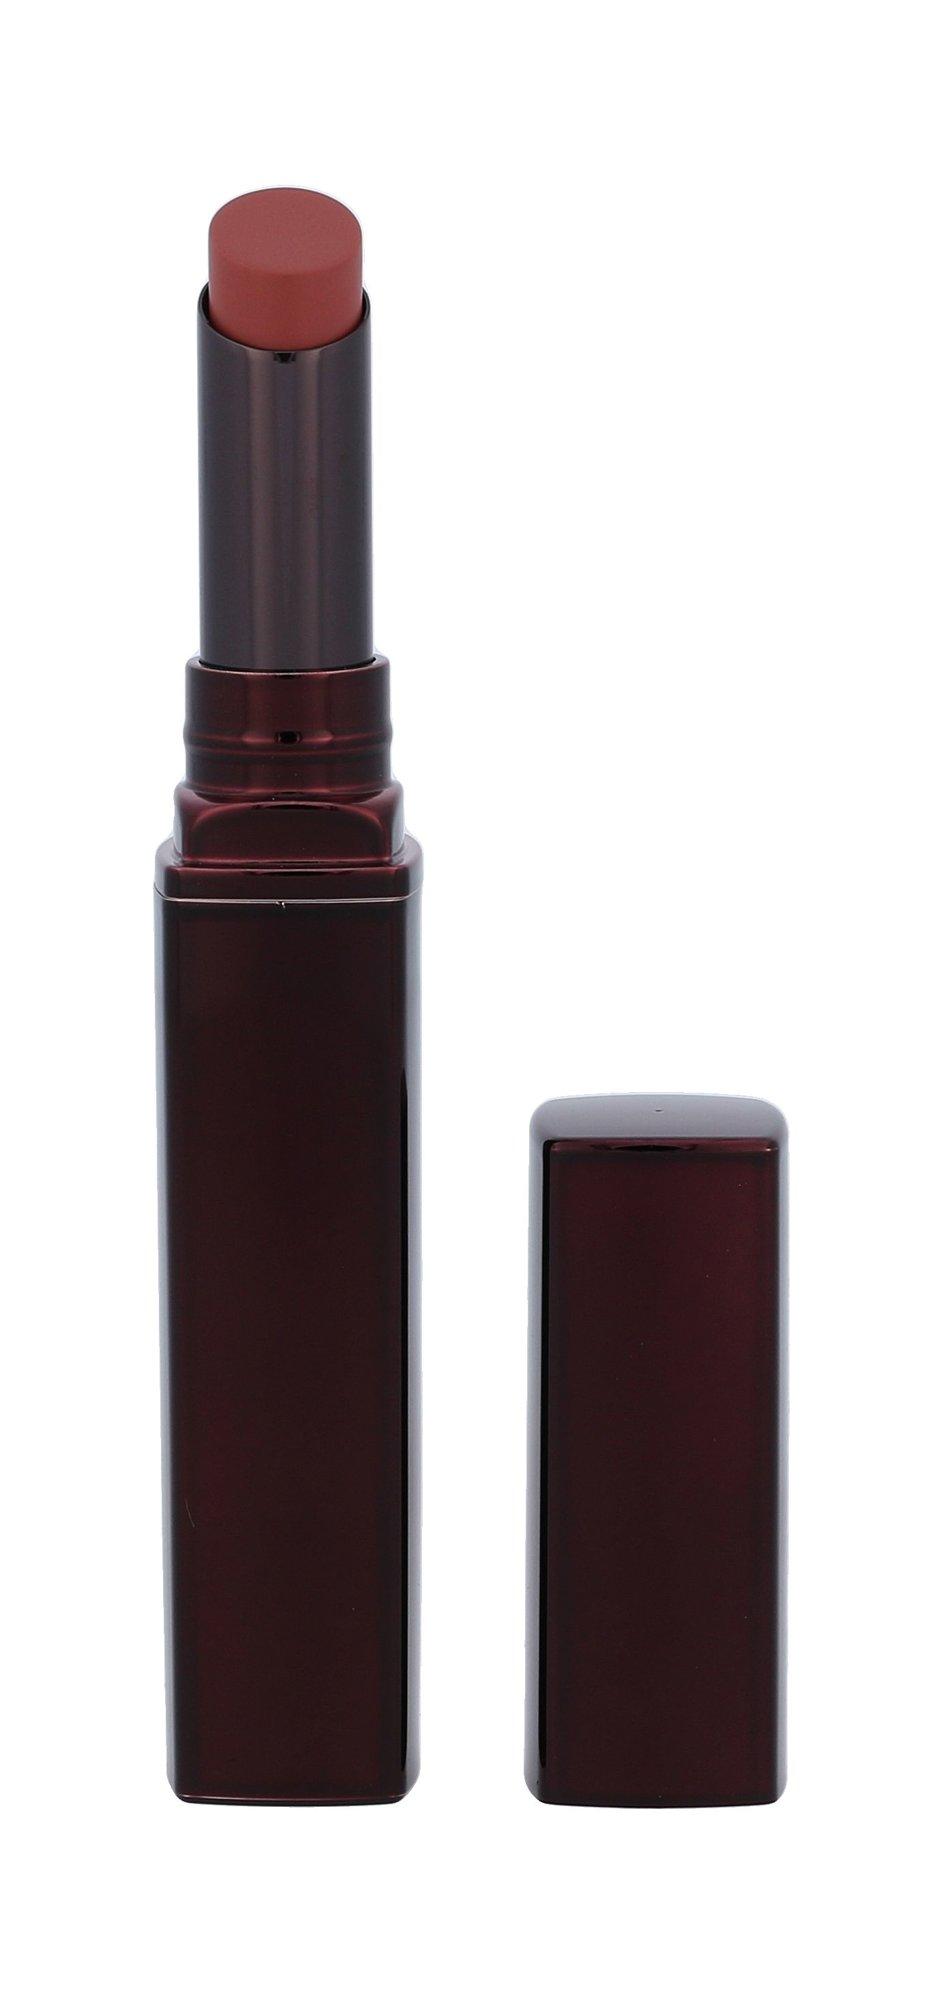 Laura Mercier Rouge Nouveau Cosmetic 1,9ml Café Weightless